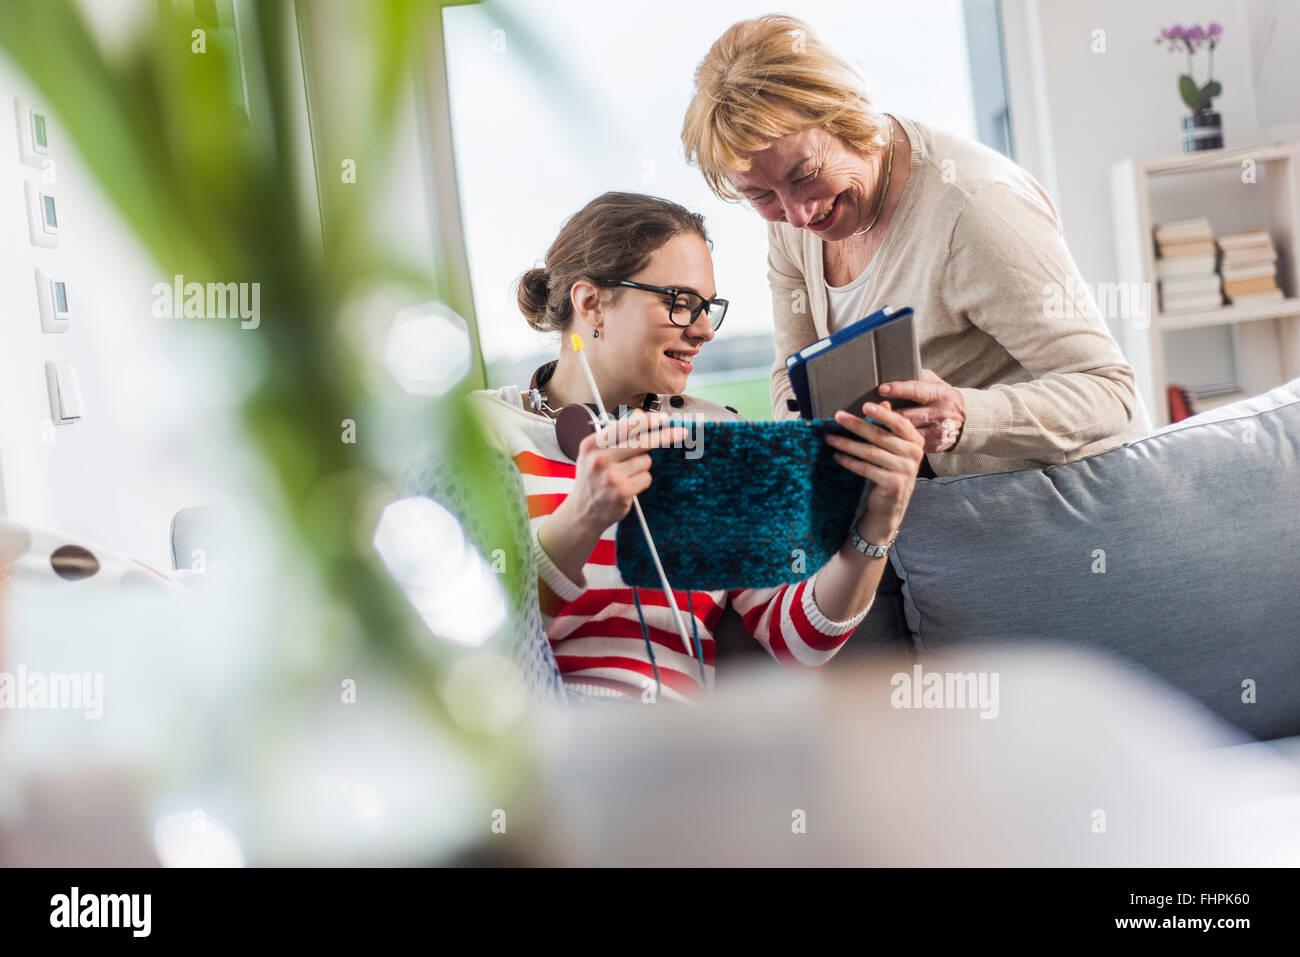 Junge Frau und ältere Frau mit Strick und digital-Tablette auf couch Stockfoto